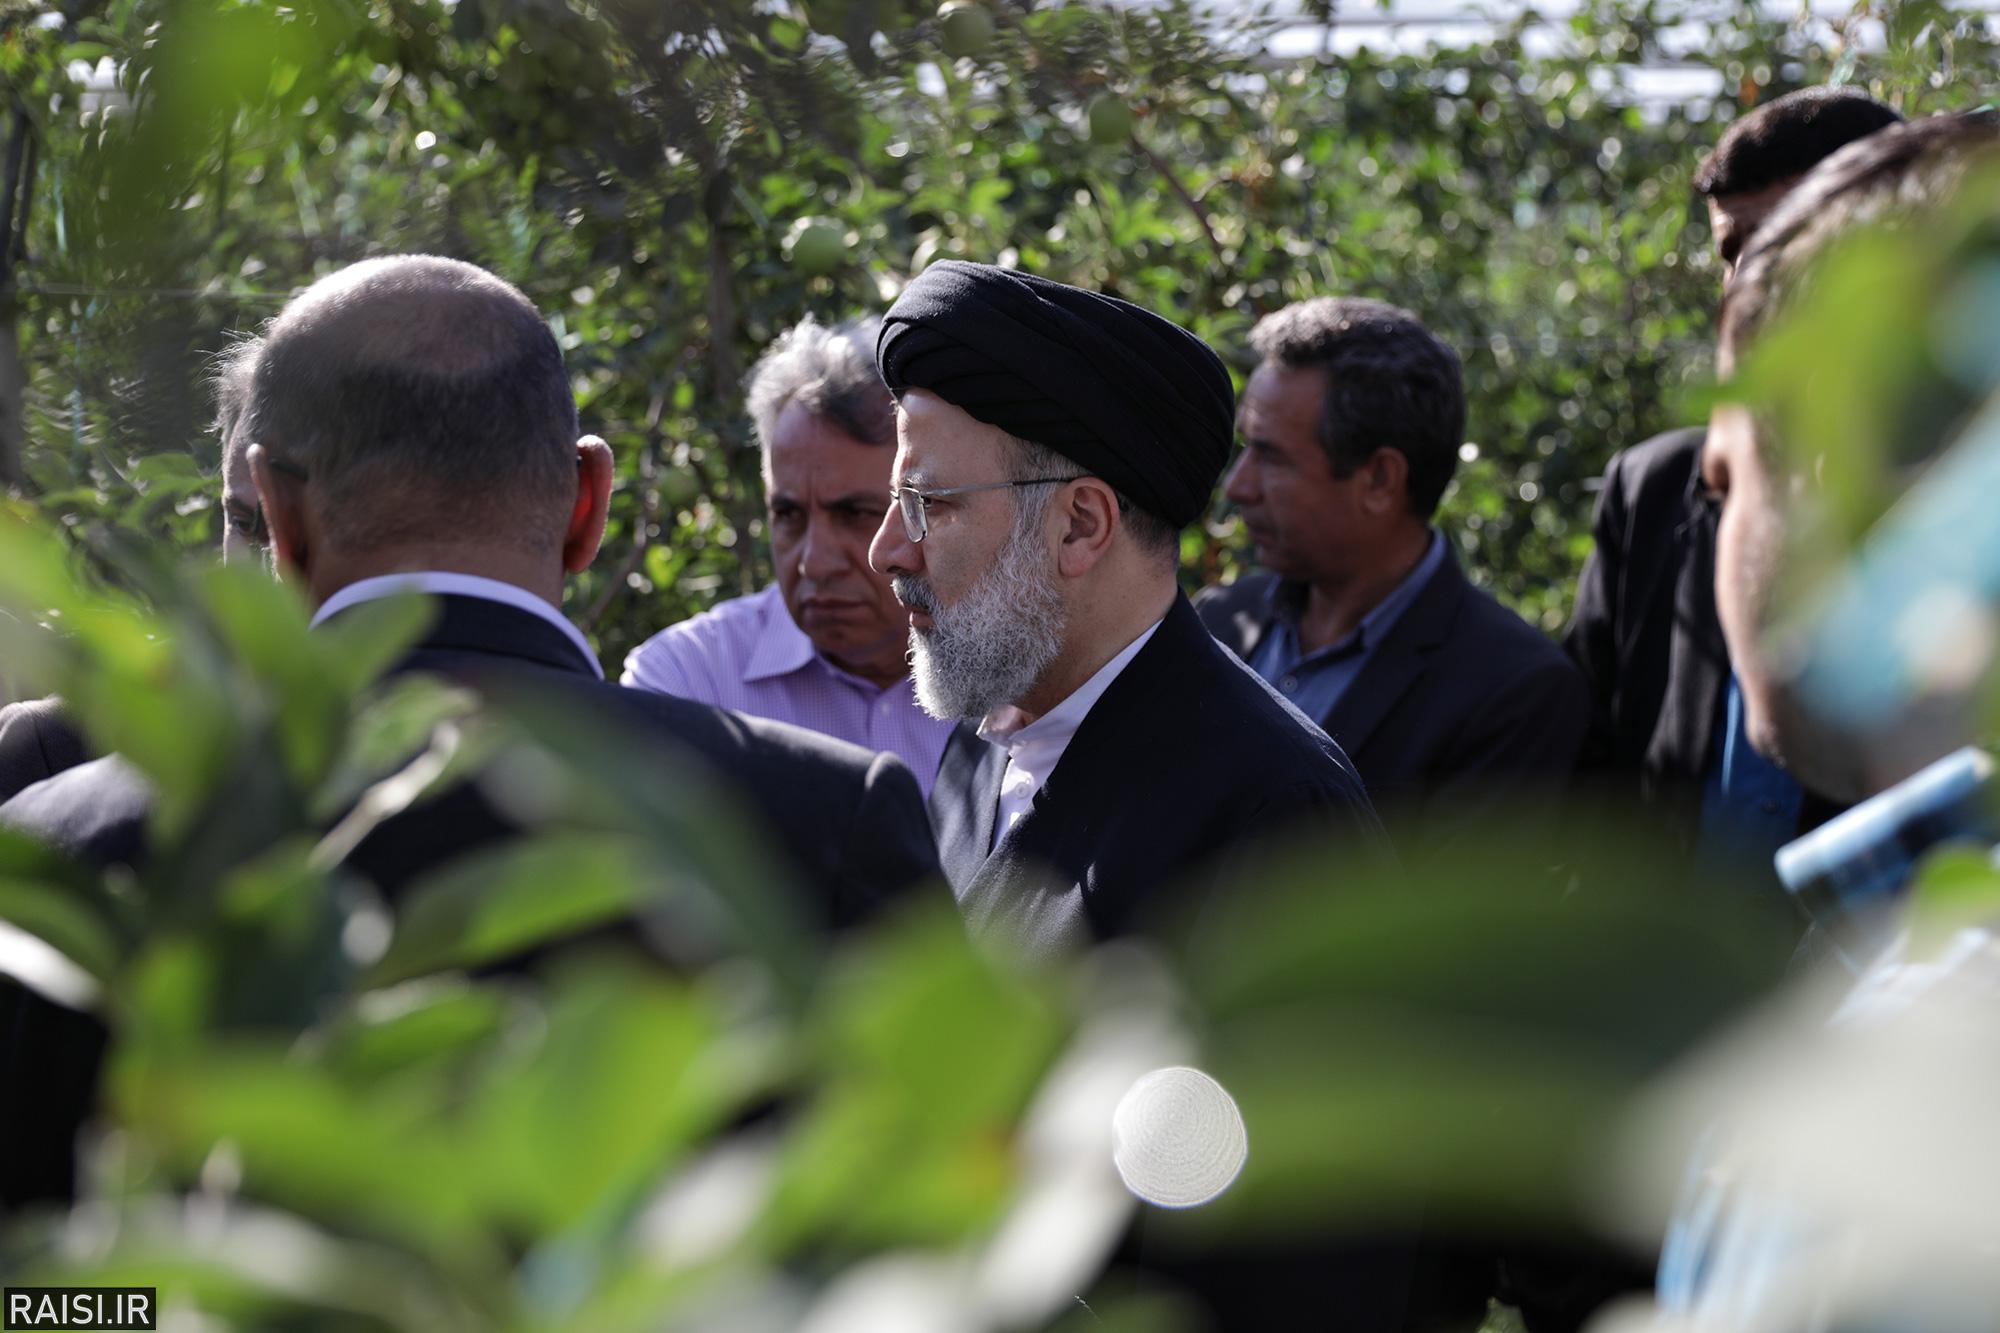 گزارش تصویری بازدید حجت الاسلام رئیسی ازموسسه کشت و صنعت مزرعه نمونه آستان قدس رضوی